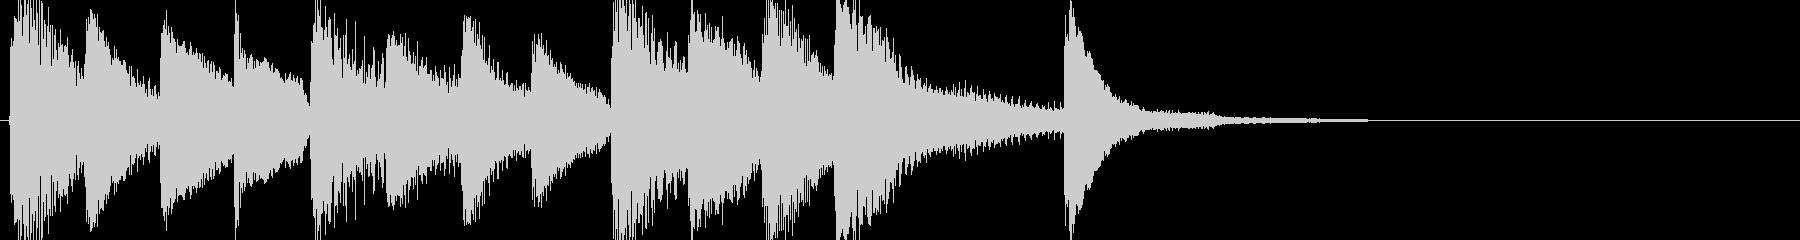 明るいピアノソロのジングルの未再生の波形